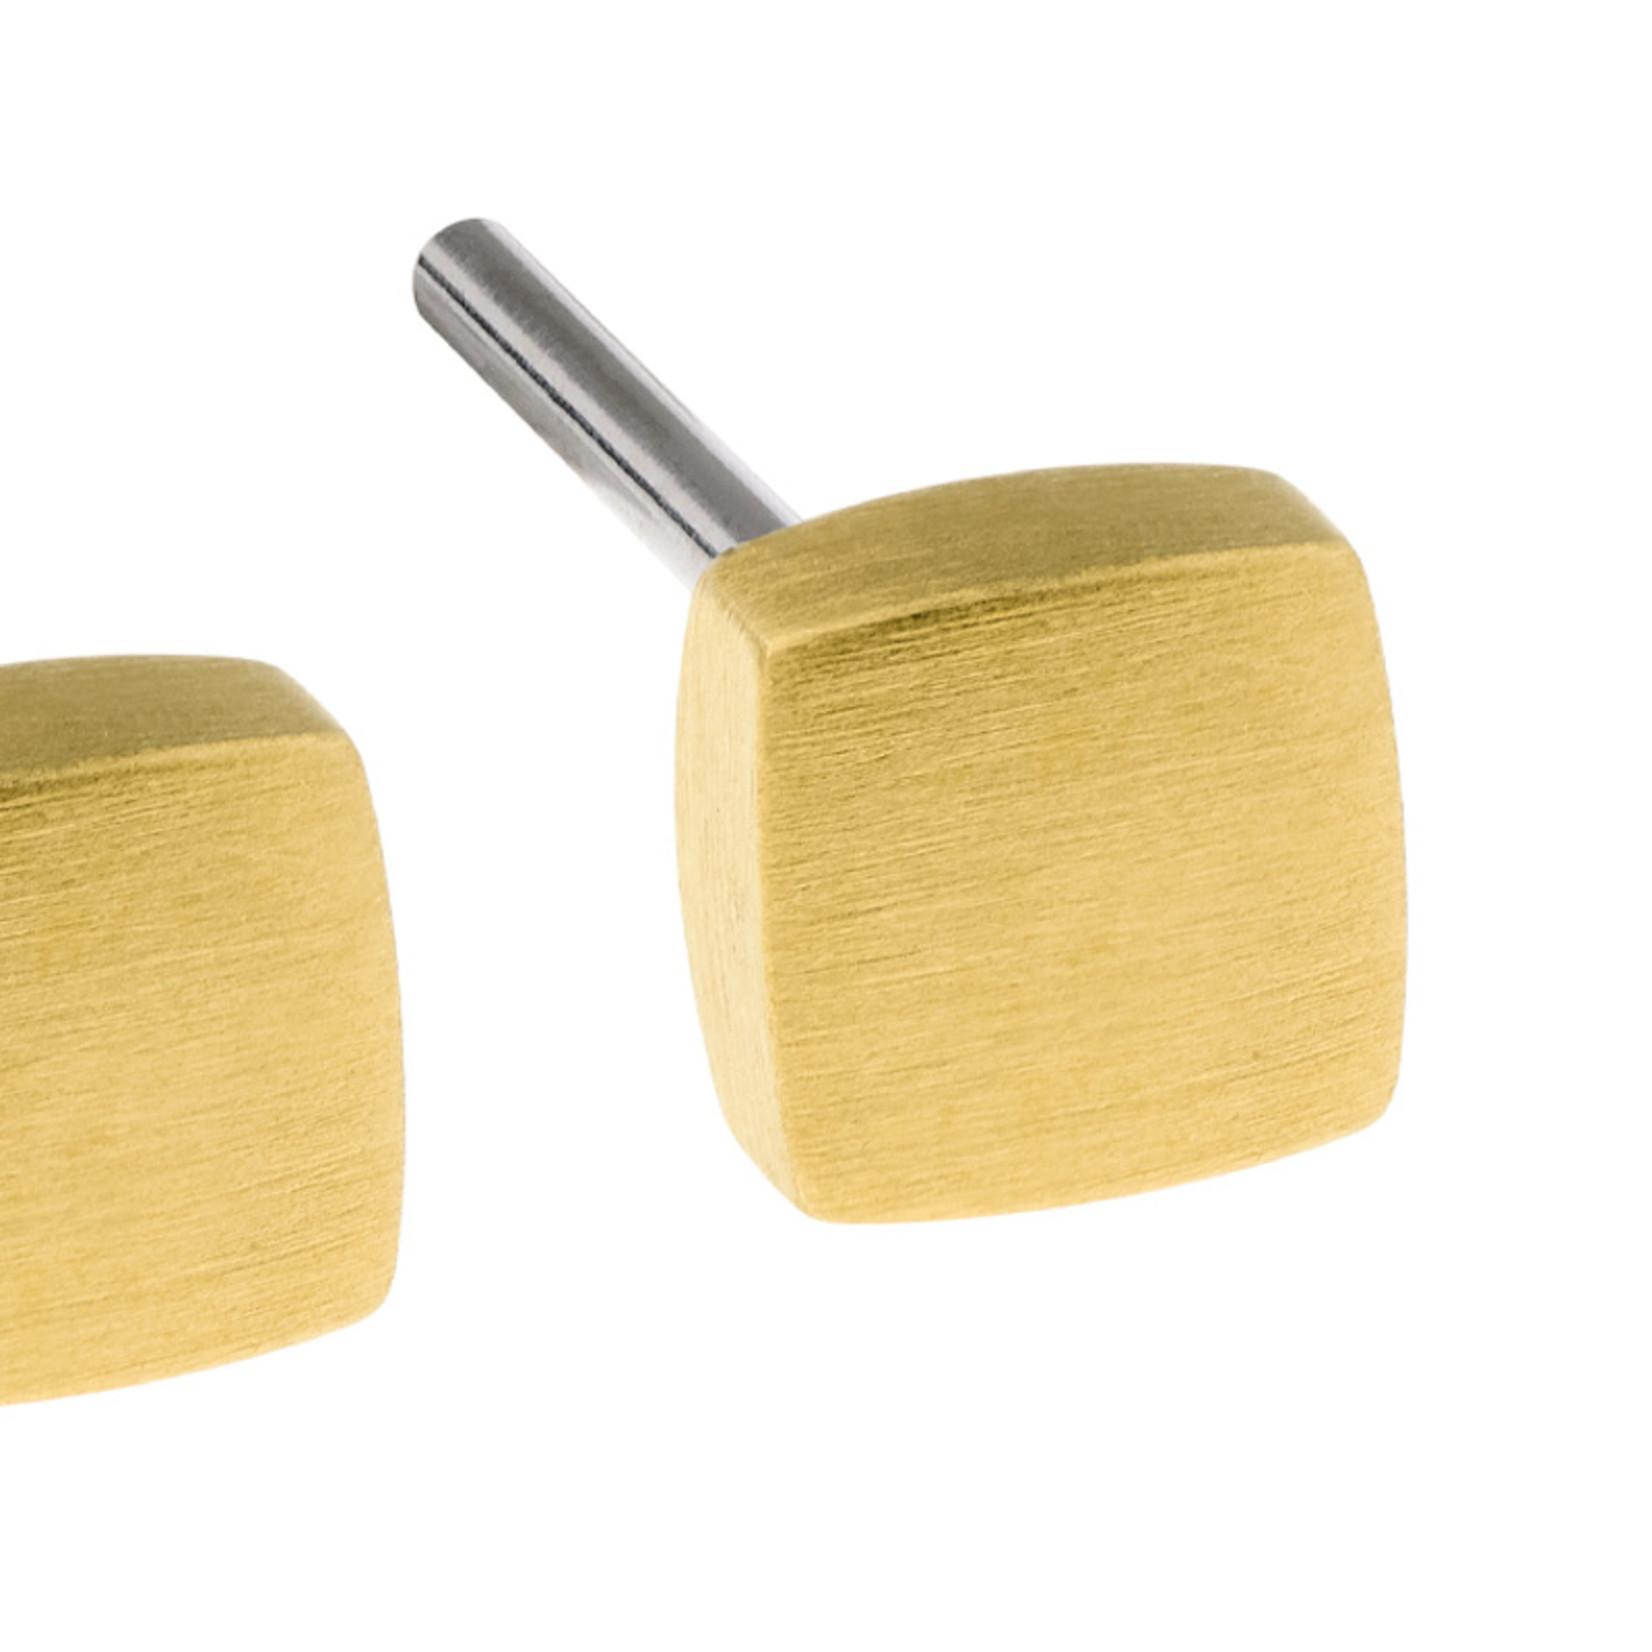 Ernstes Design Stahlschmuck Ohrstecker E434 I Ernstes Design I 4 mm I Edelstahl gold